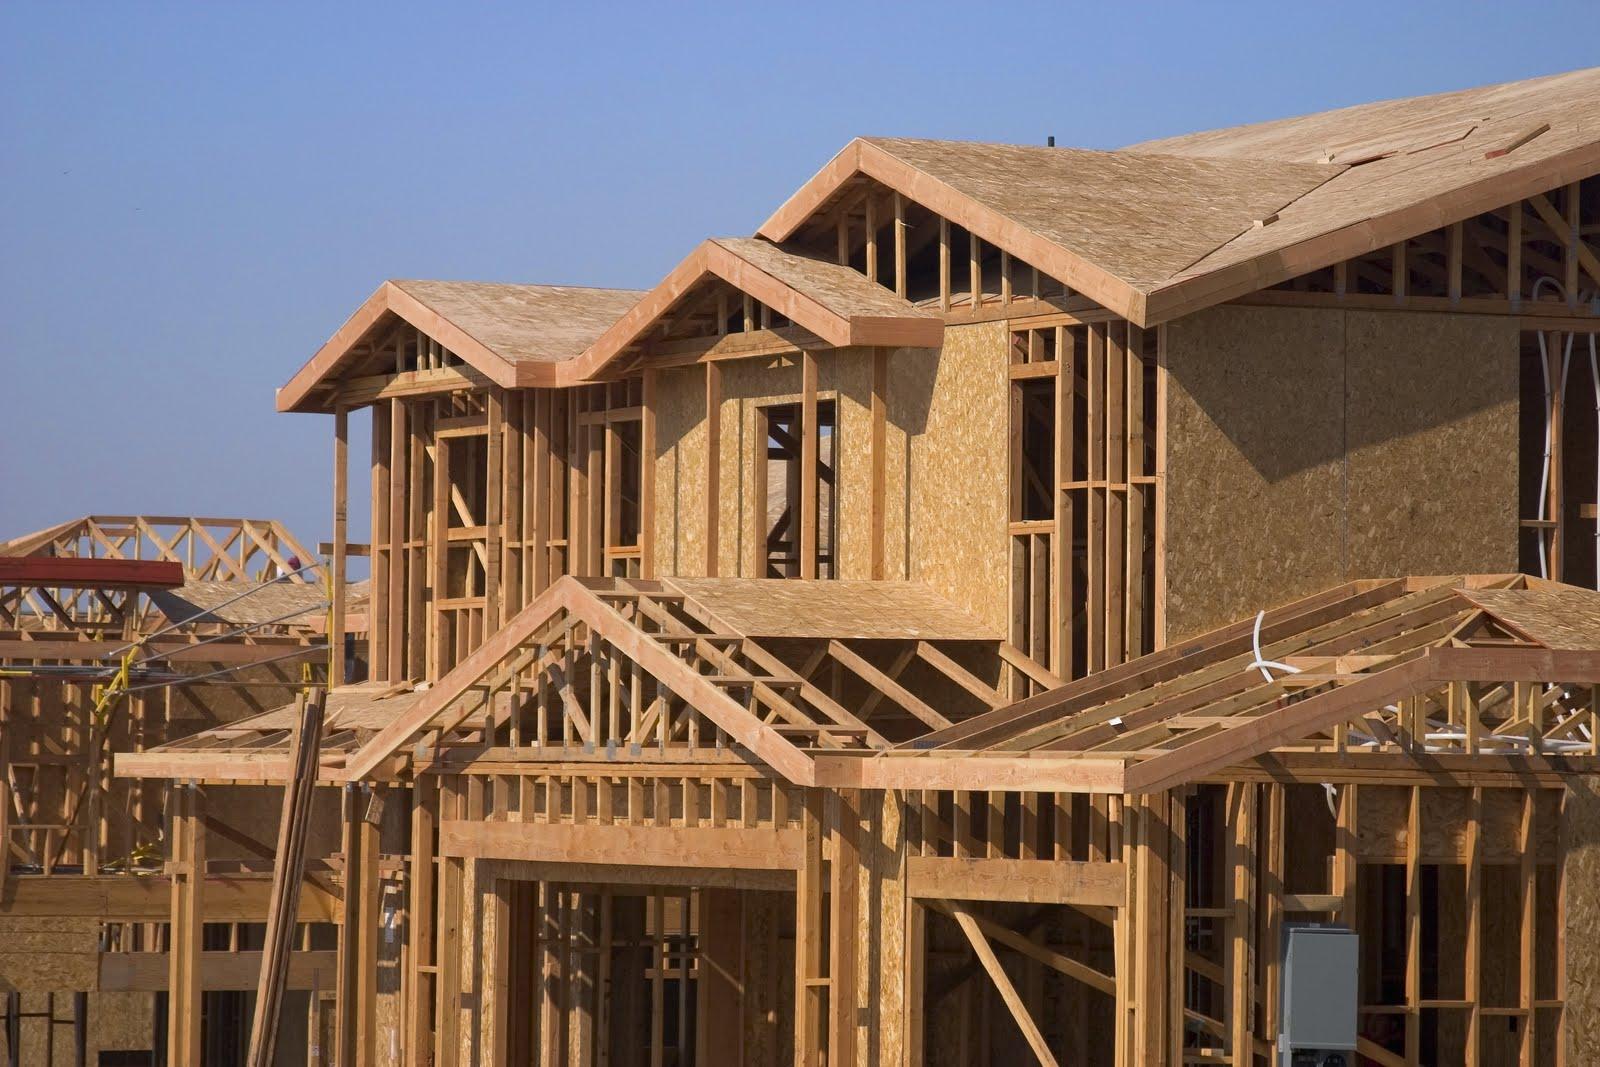 shed wood idea build wooden frame house frame